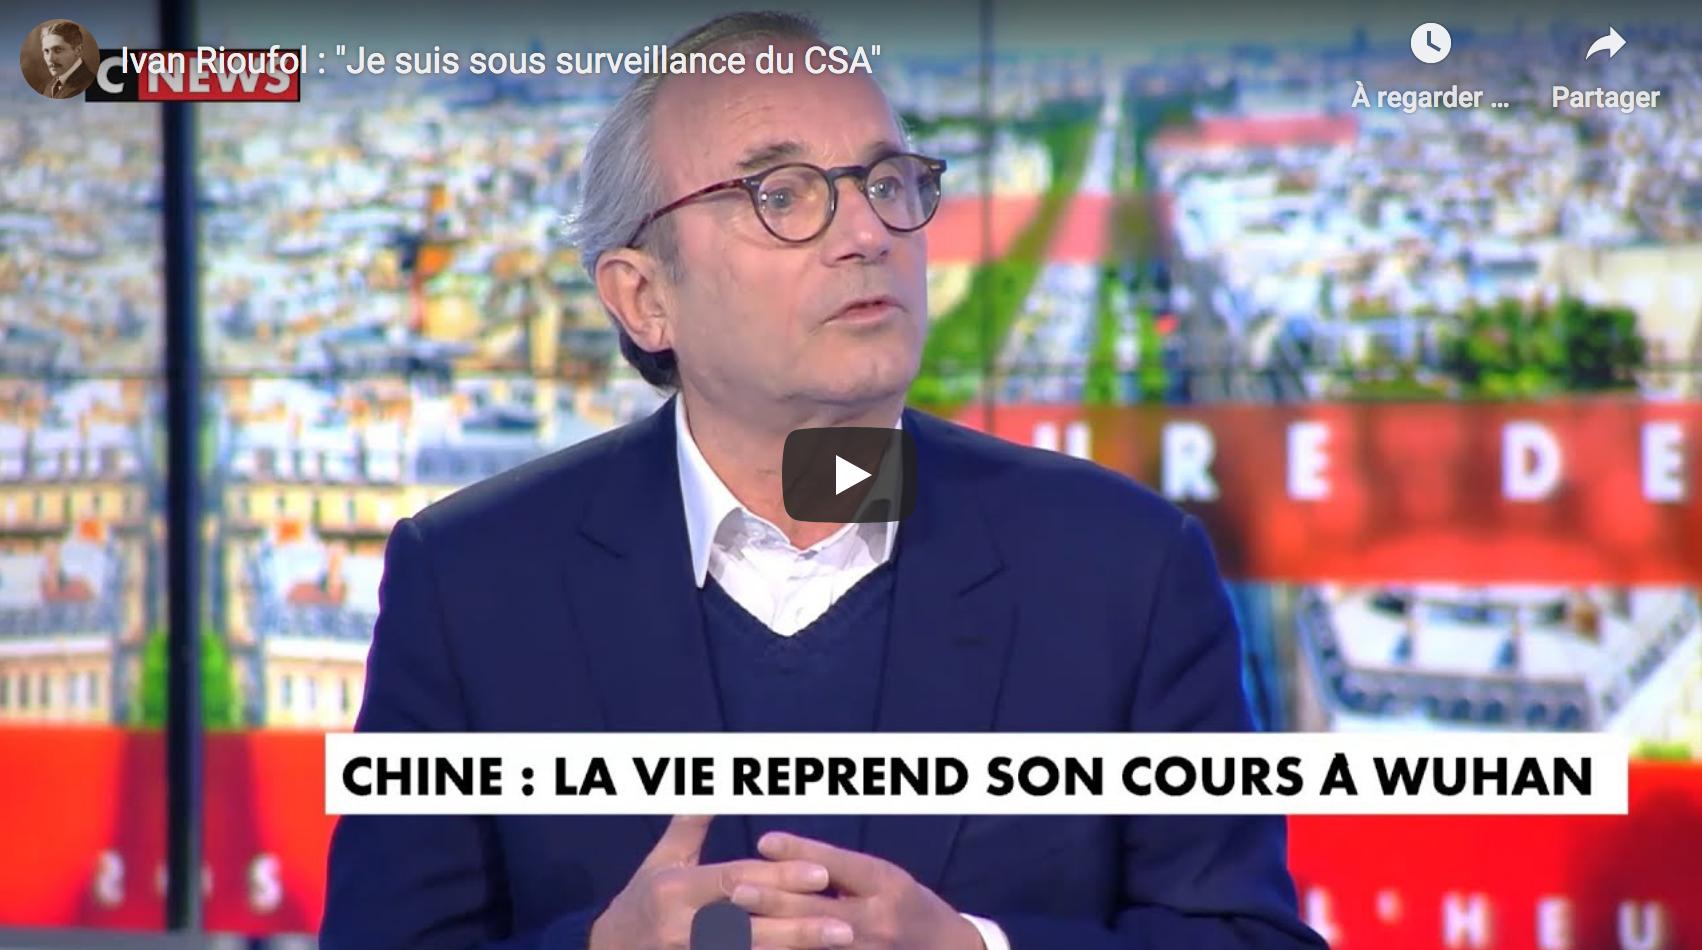 """Ivan Rioufol : """"Je suis sous surveillance du CSA"""" (VIDÉO)"""